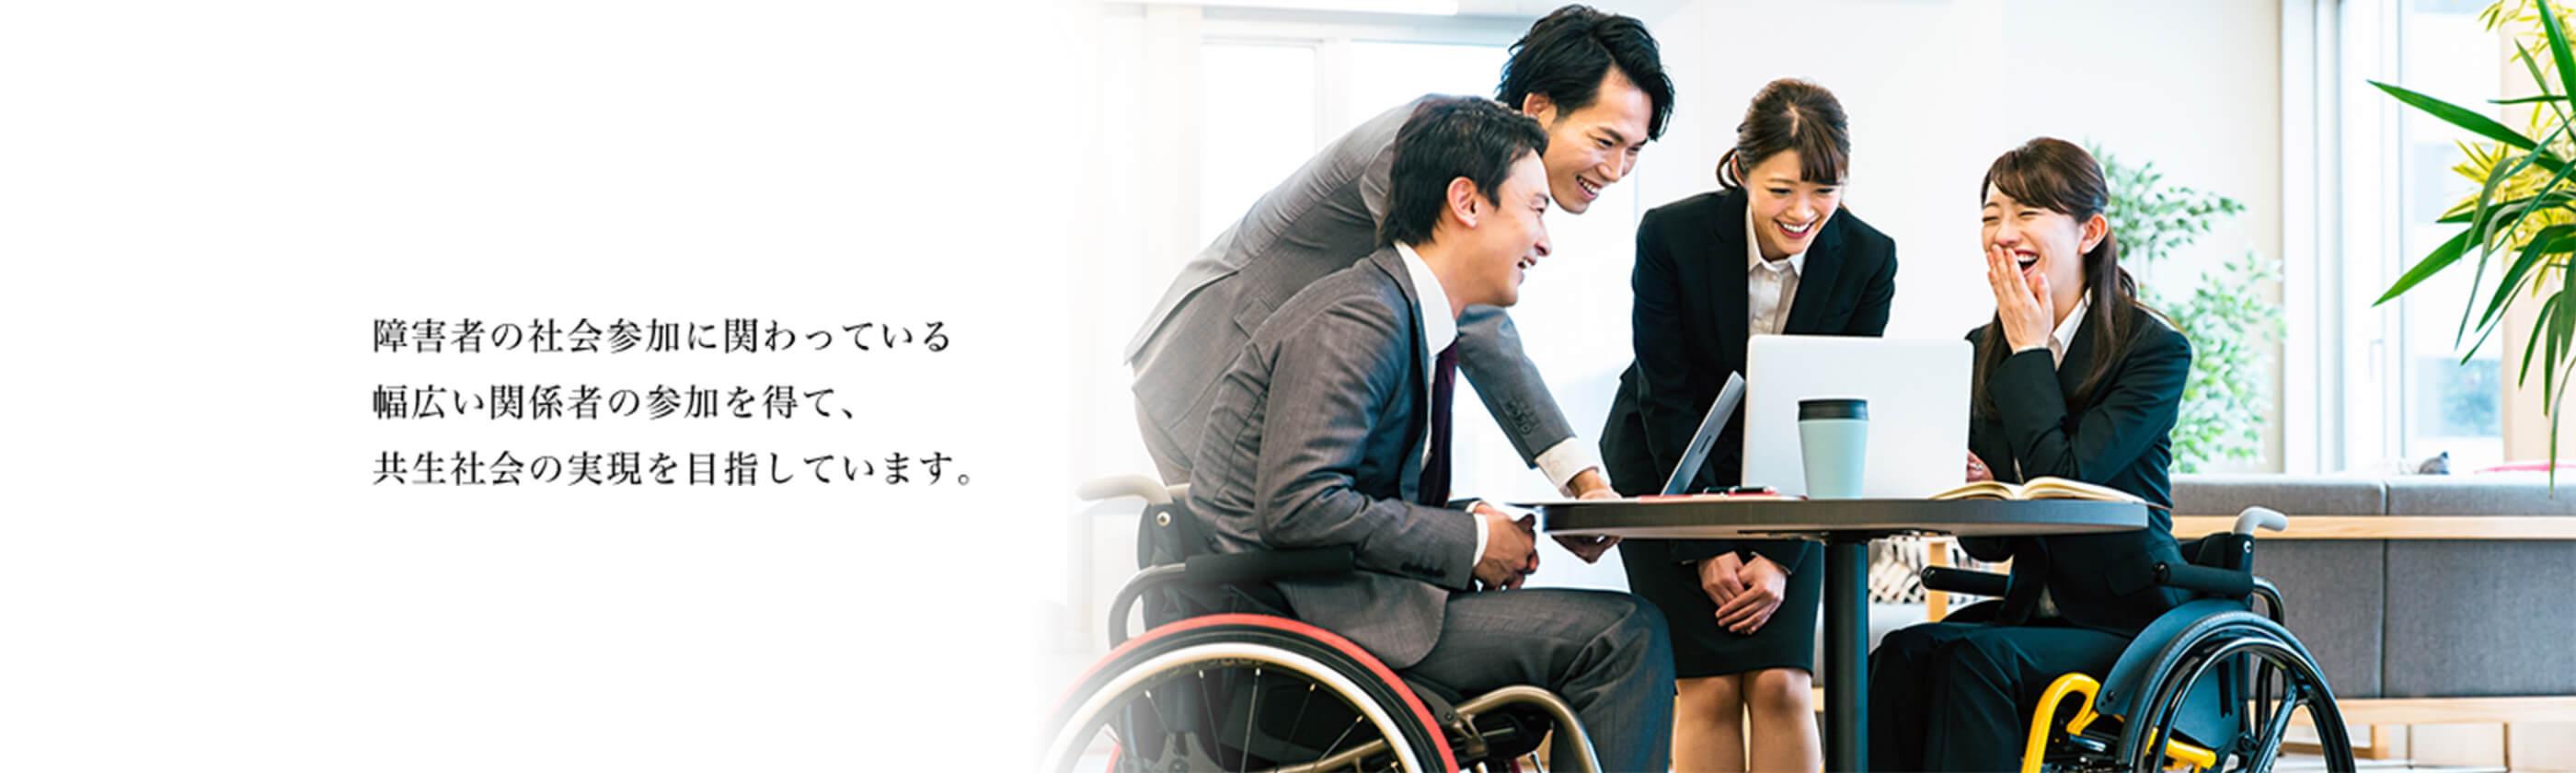 障害者の社会参加に関わっている幅広い関係者の参加を得て、共生社会の実現を目指しています。